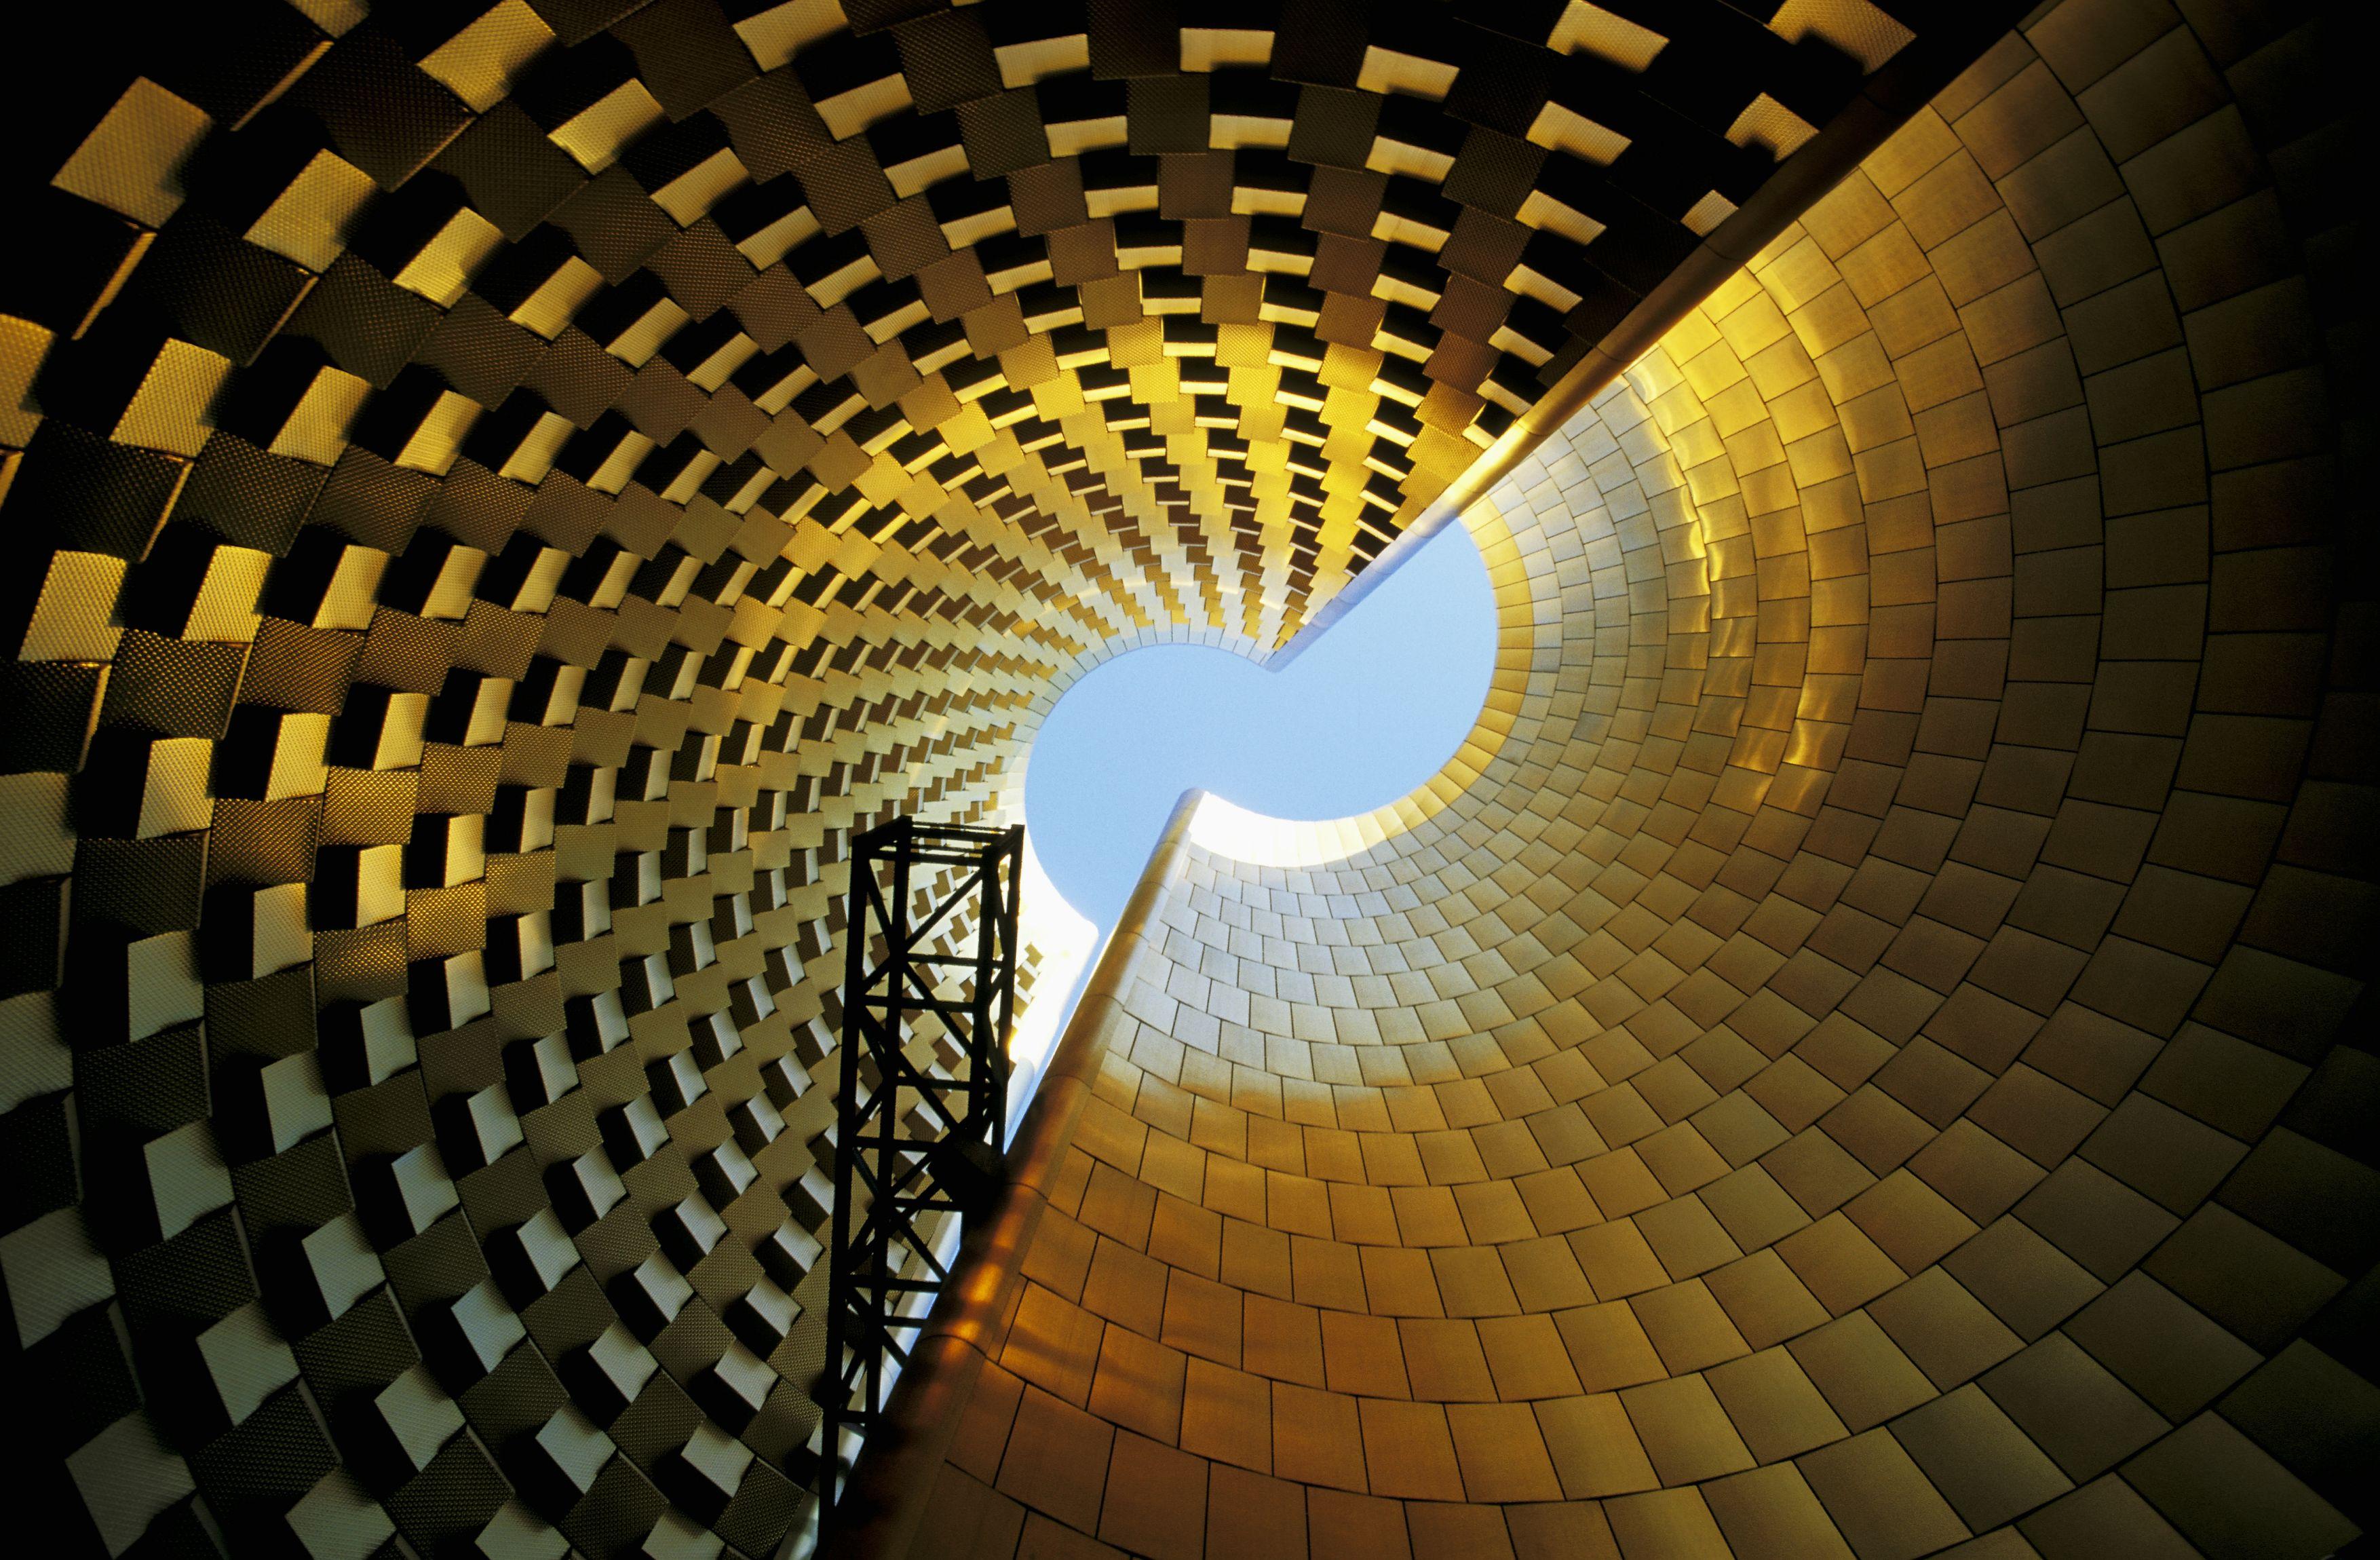 广电系又双叒叕大涨,这次吹的是啥风?